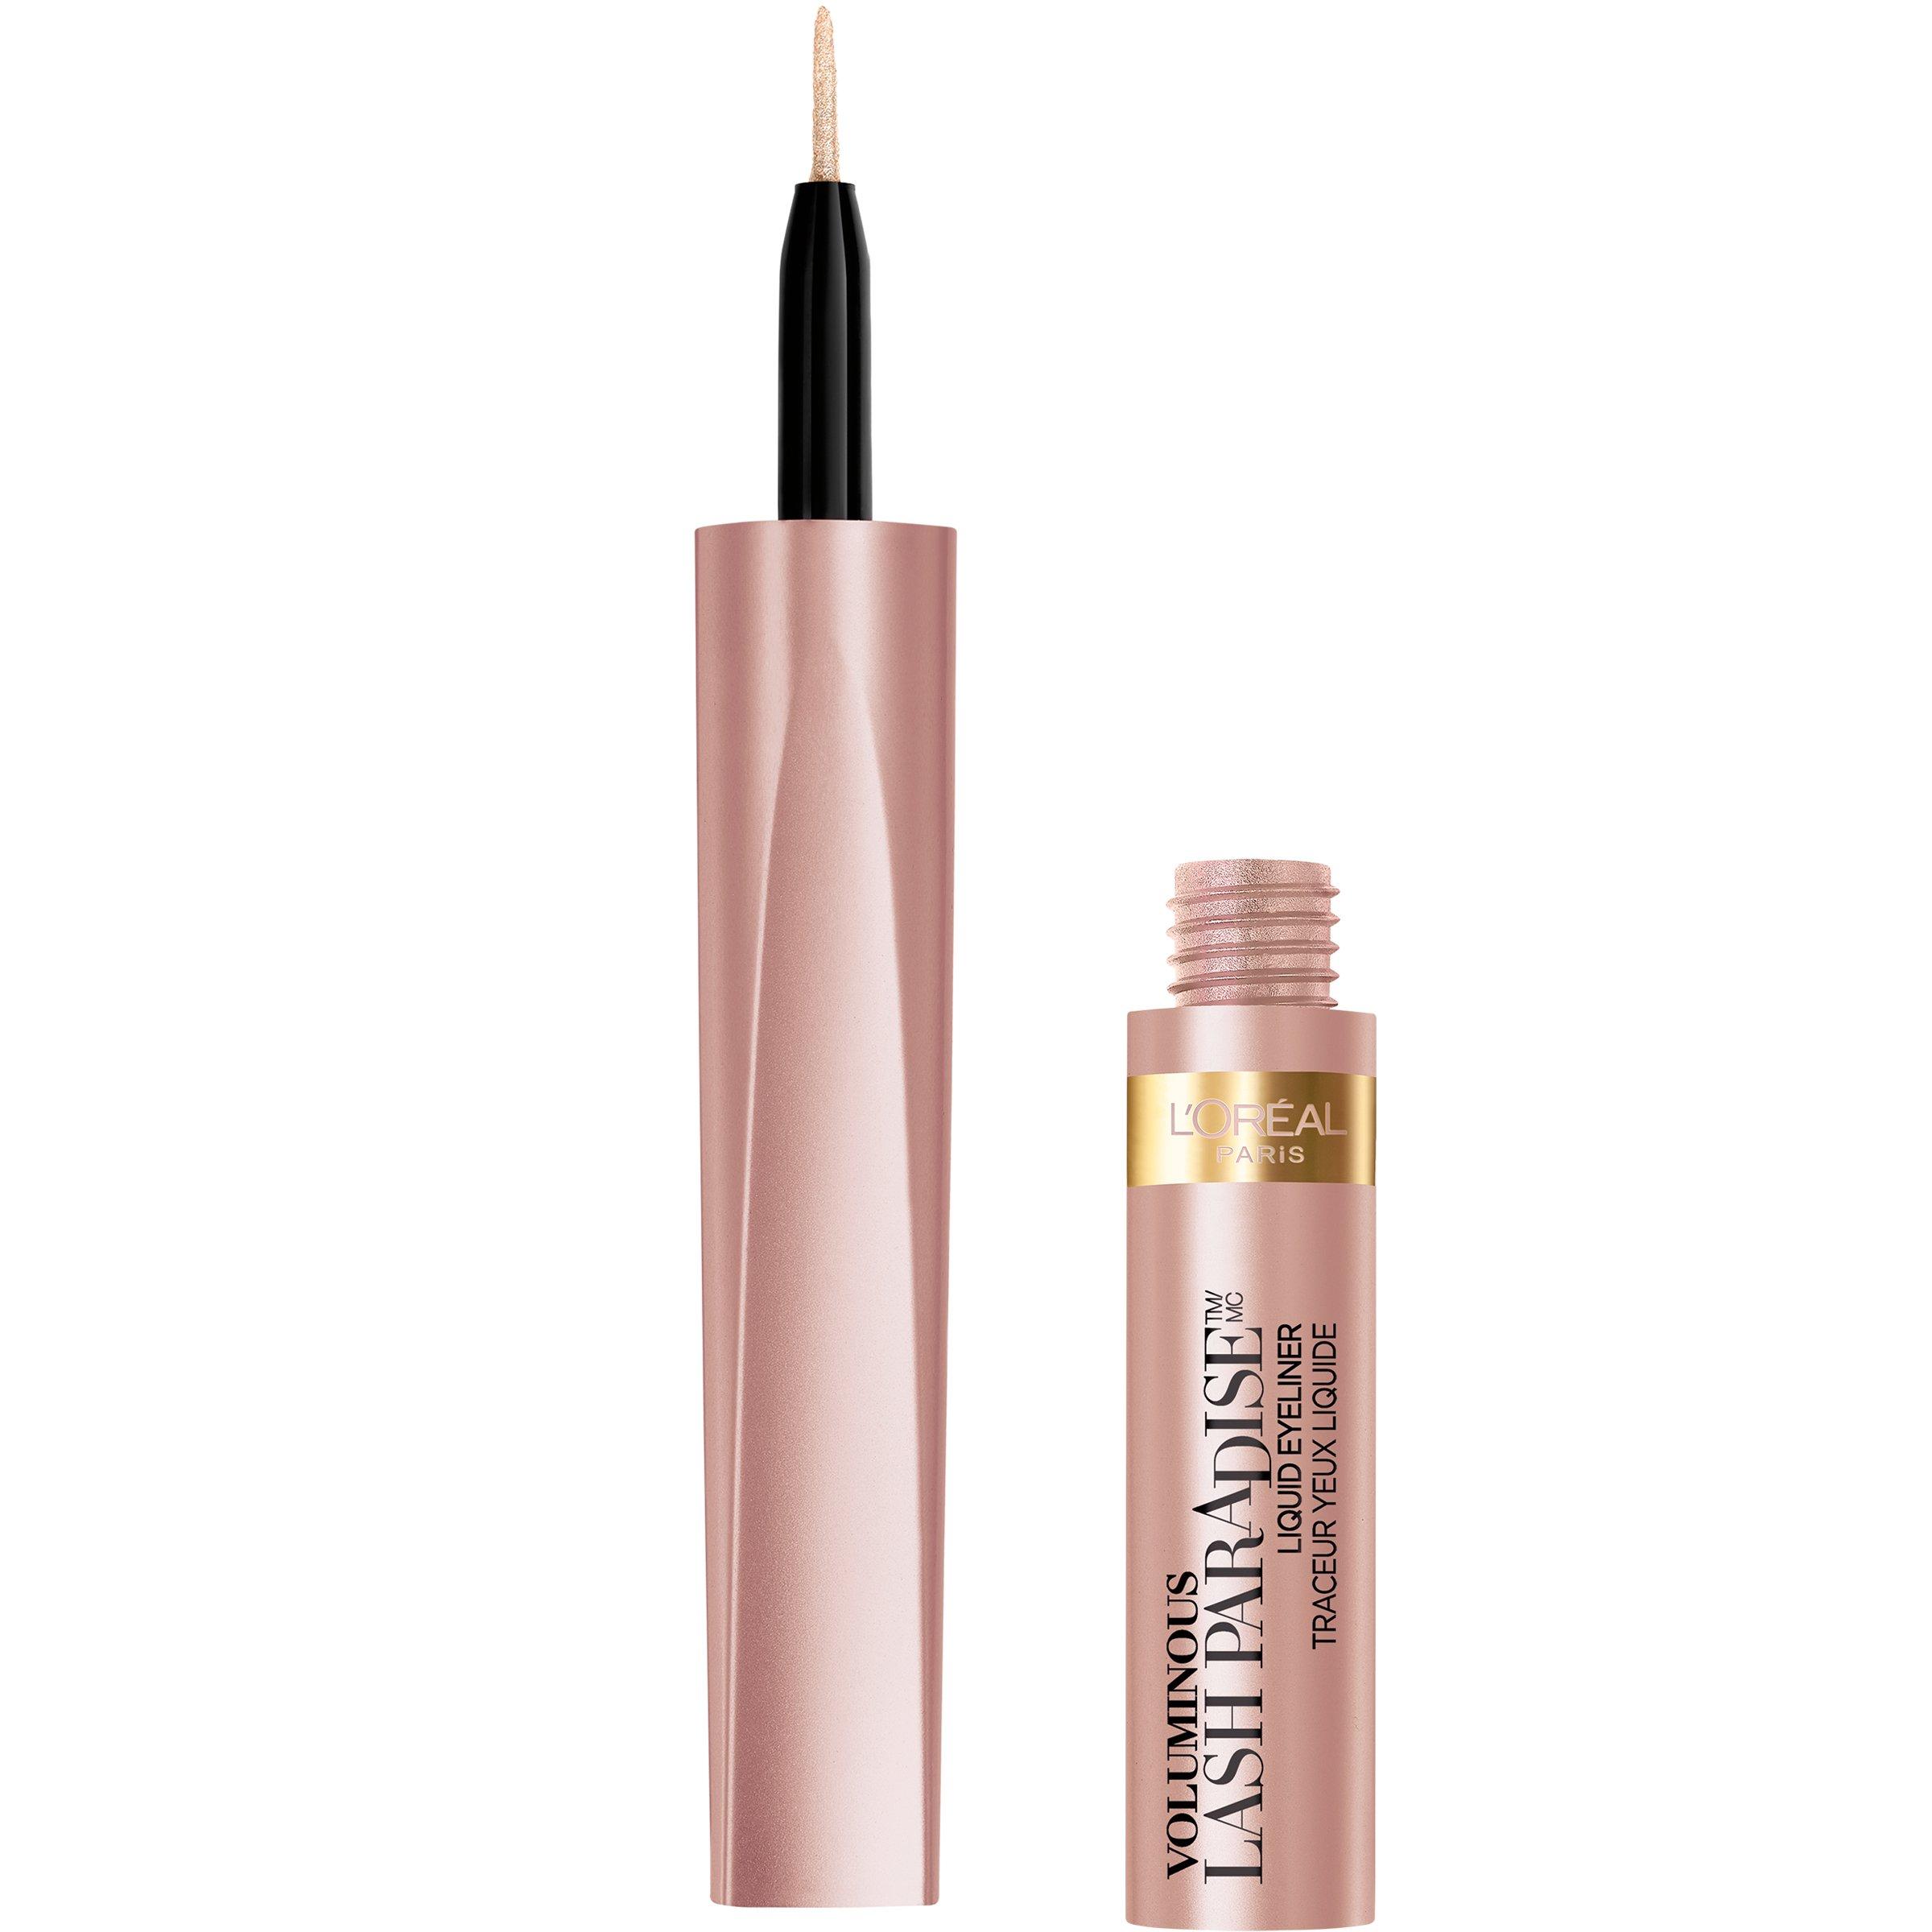 L'Oreal Paris Cosmetics Voluminous Lash Paradise Liquid Eyeliner, Rose Gold, 0.05 Fluid Ounce